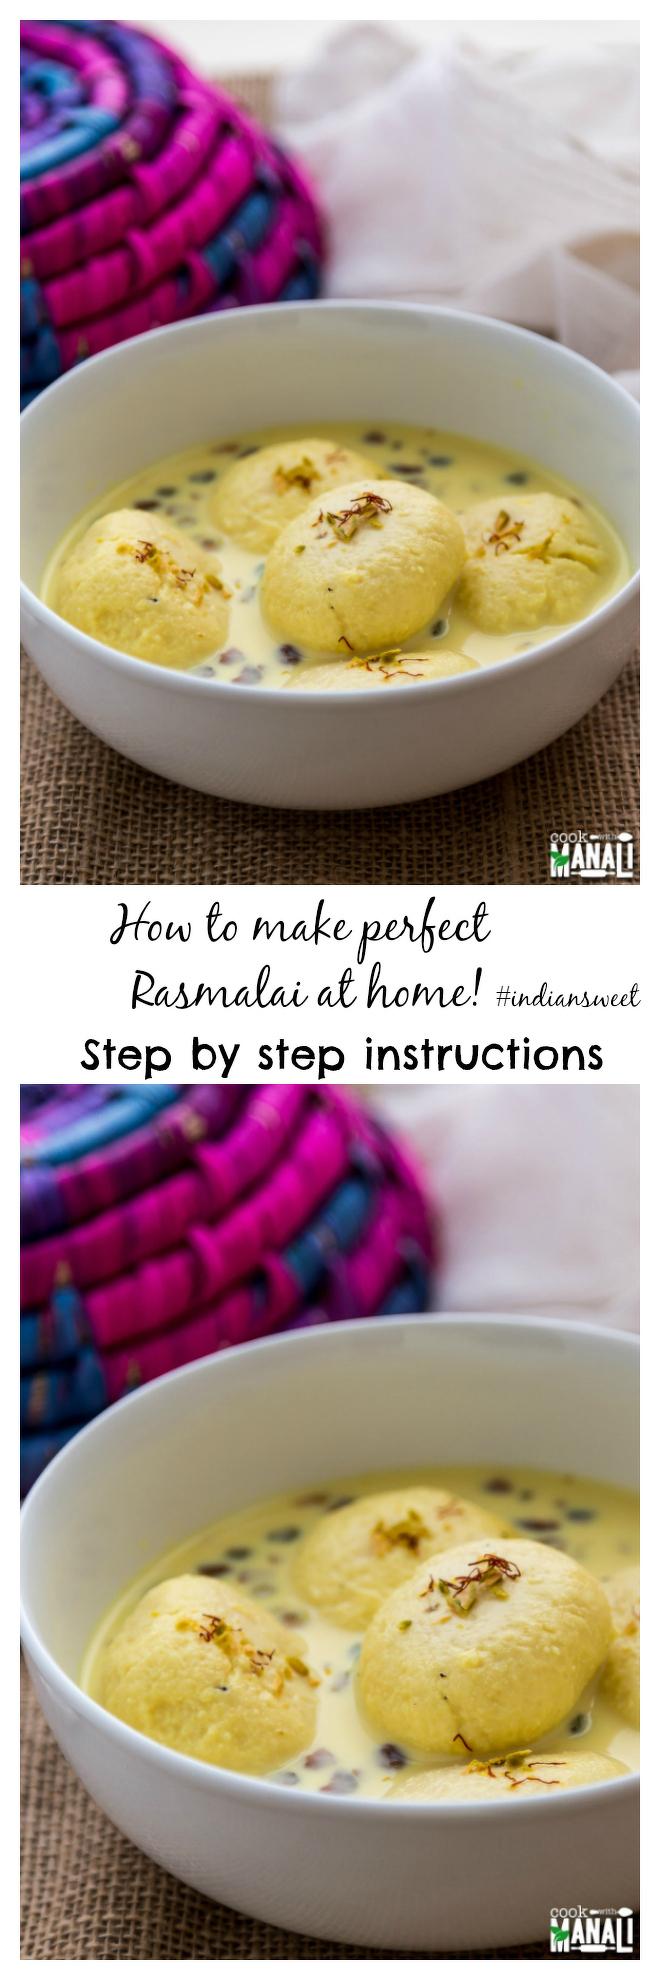 How-To-Make-Rasmalai-Collage-nocwm